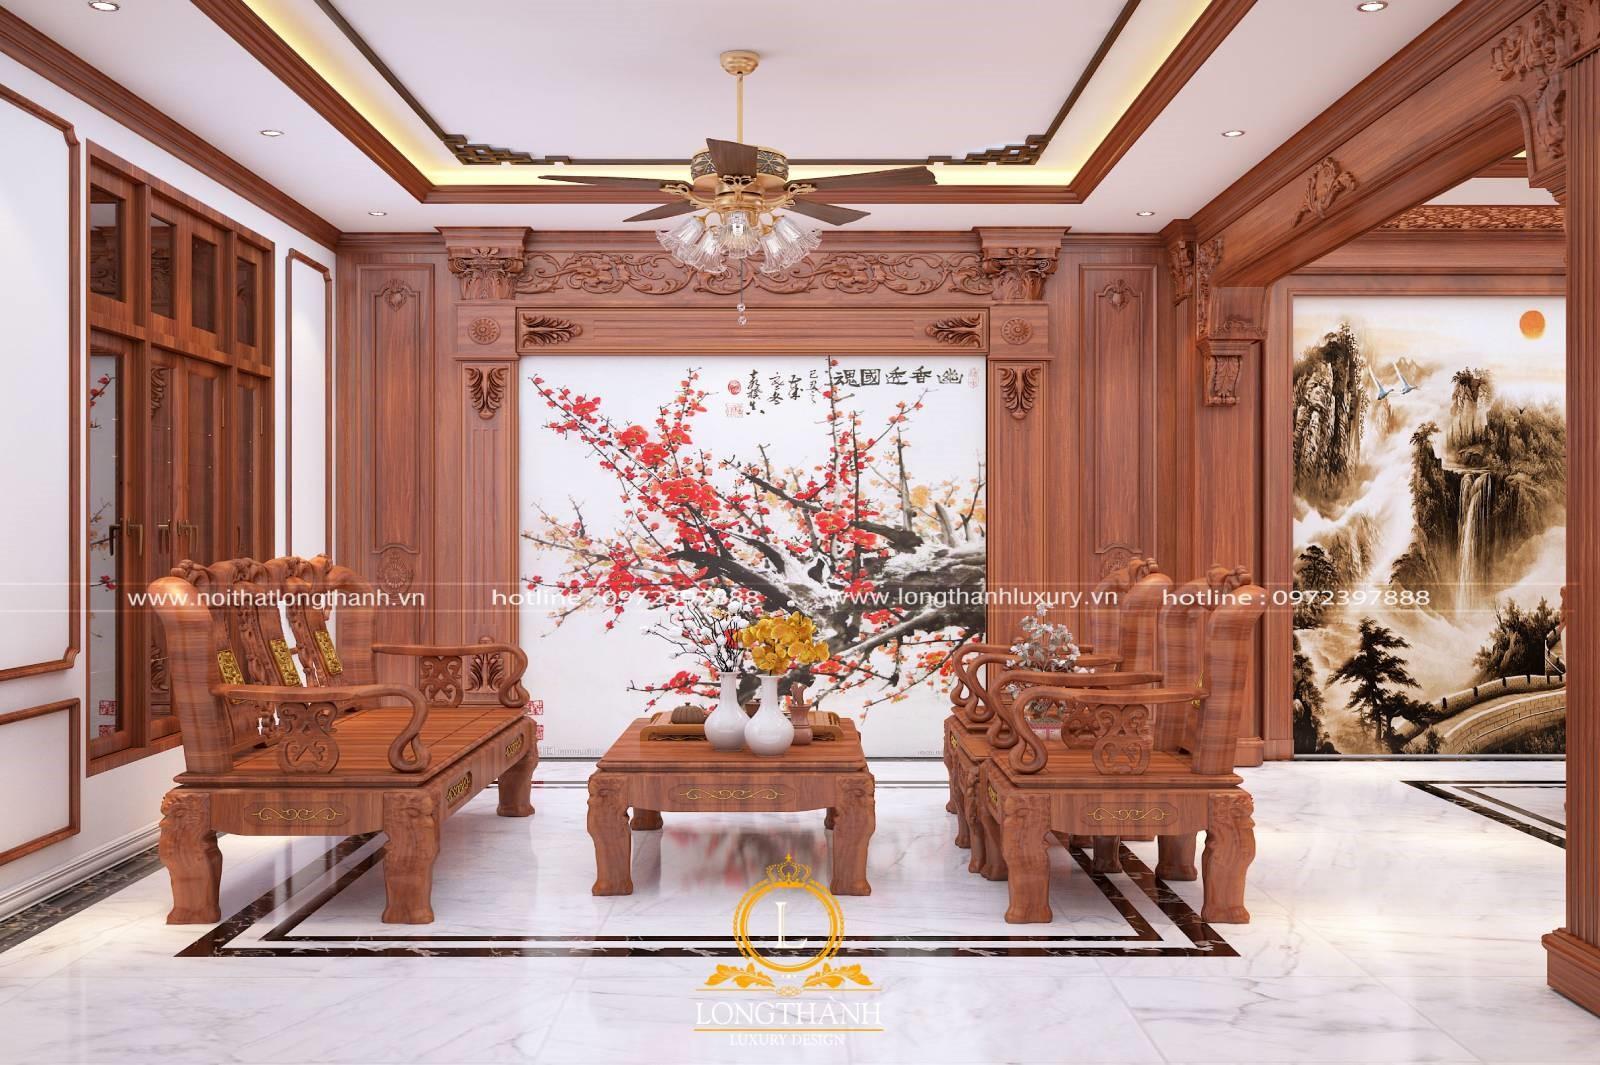 Bộ sofa bằng gỗ gõ đỏ mang nét đẹp Á Đông